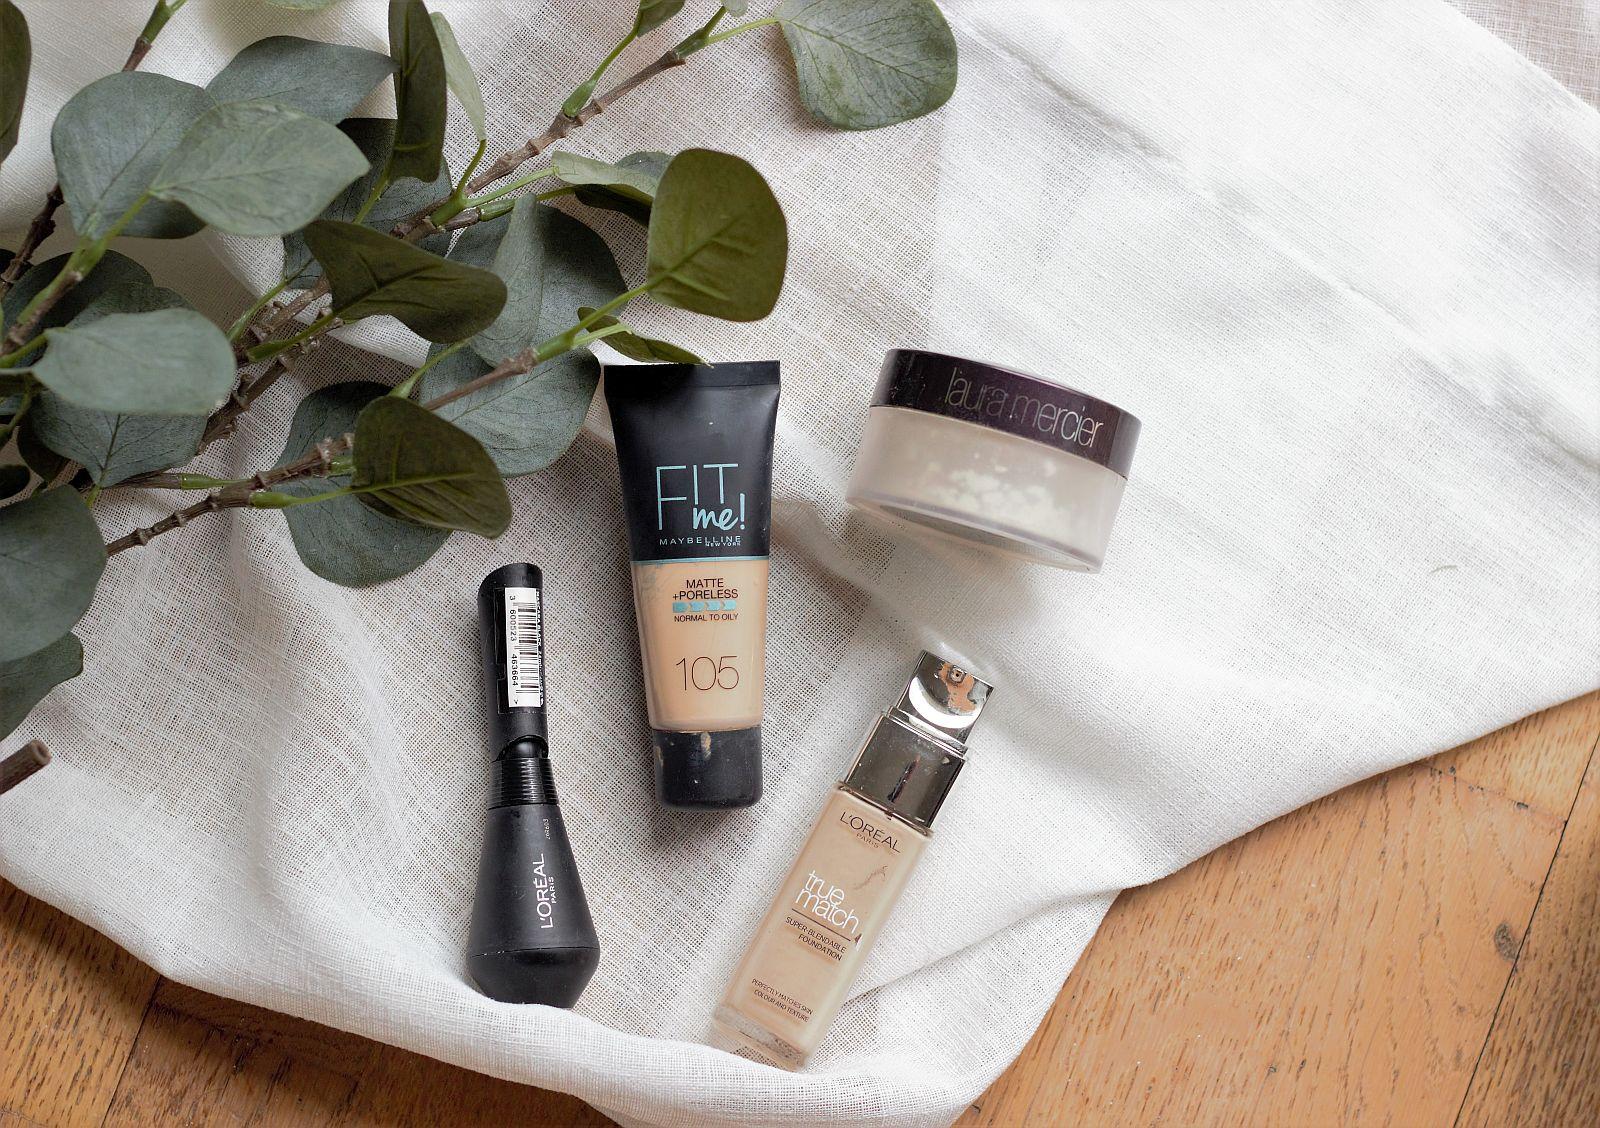 Empties - makeup - L'oreal, Maybelline, Laura Mercier